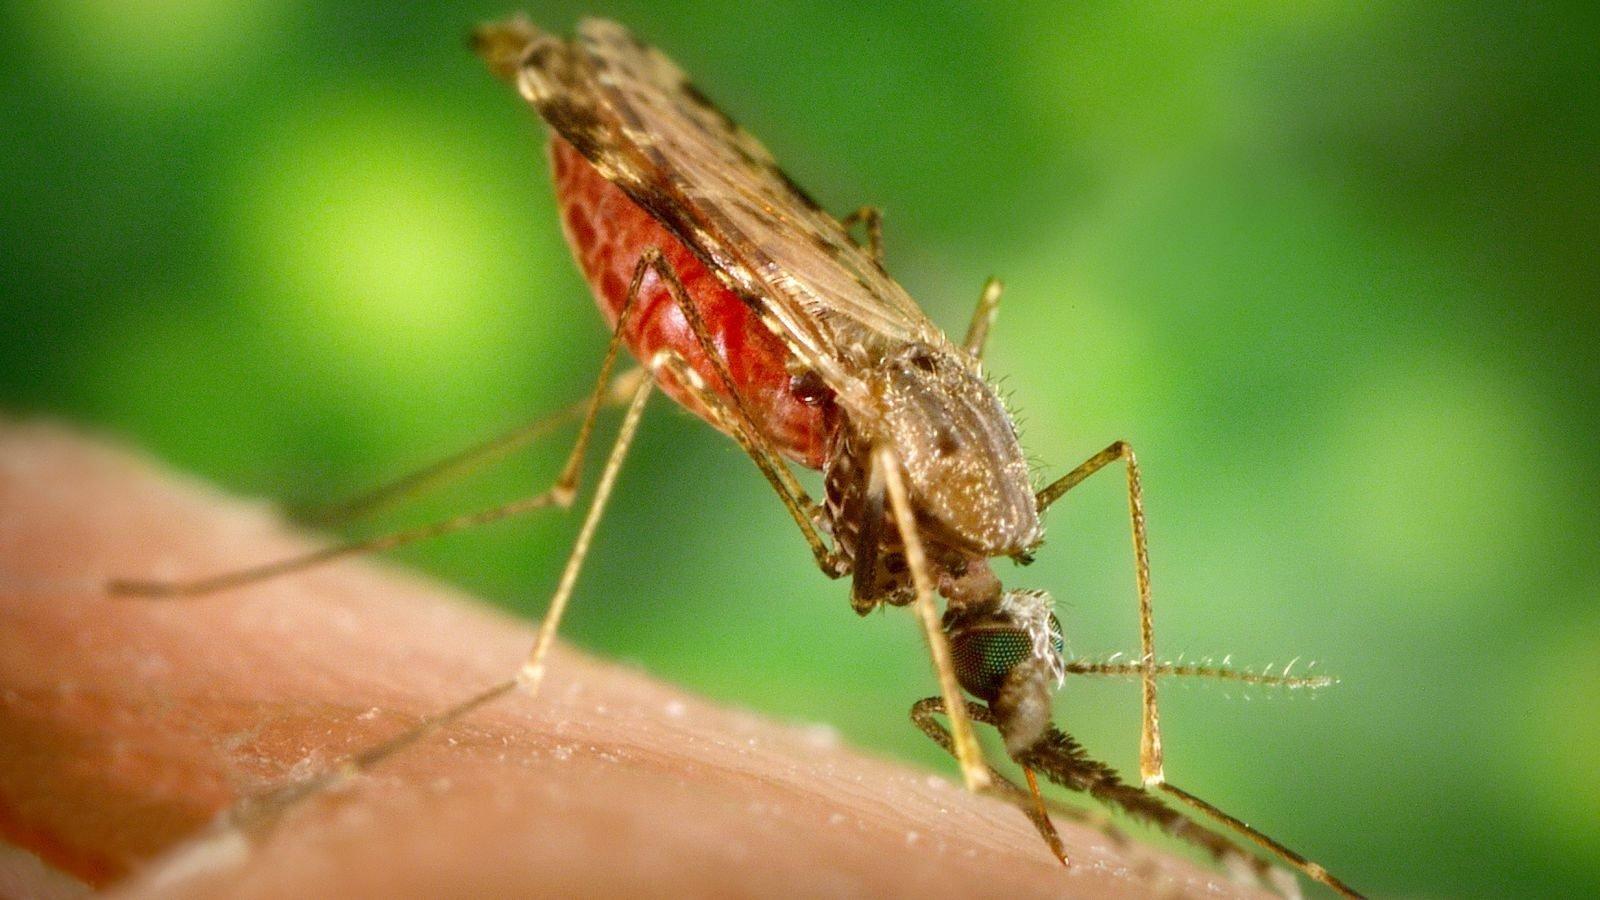 Læs mere om klimaforandringernes betydning for sydomme som malaria, dengue feber og vestnilvirus